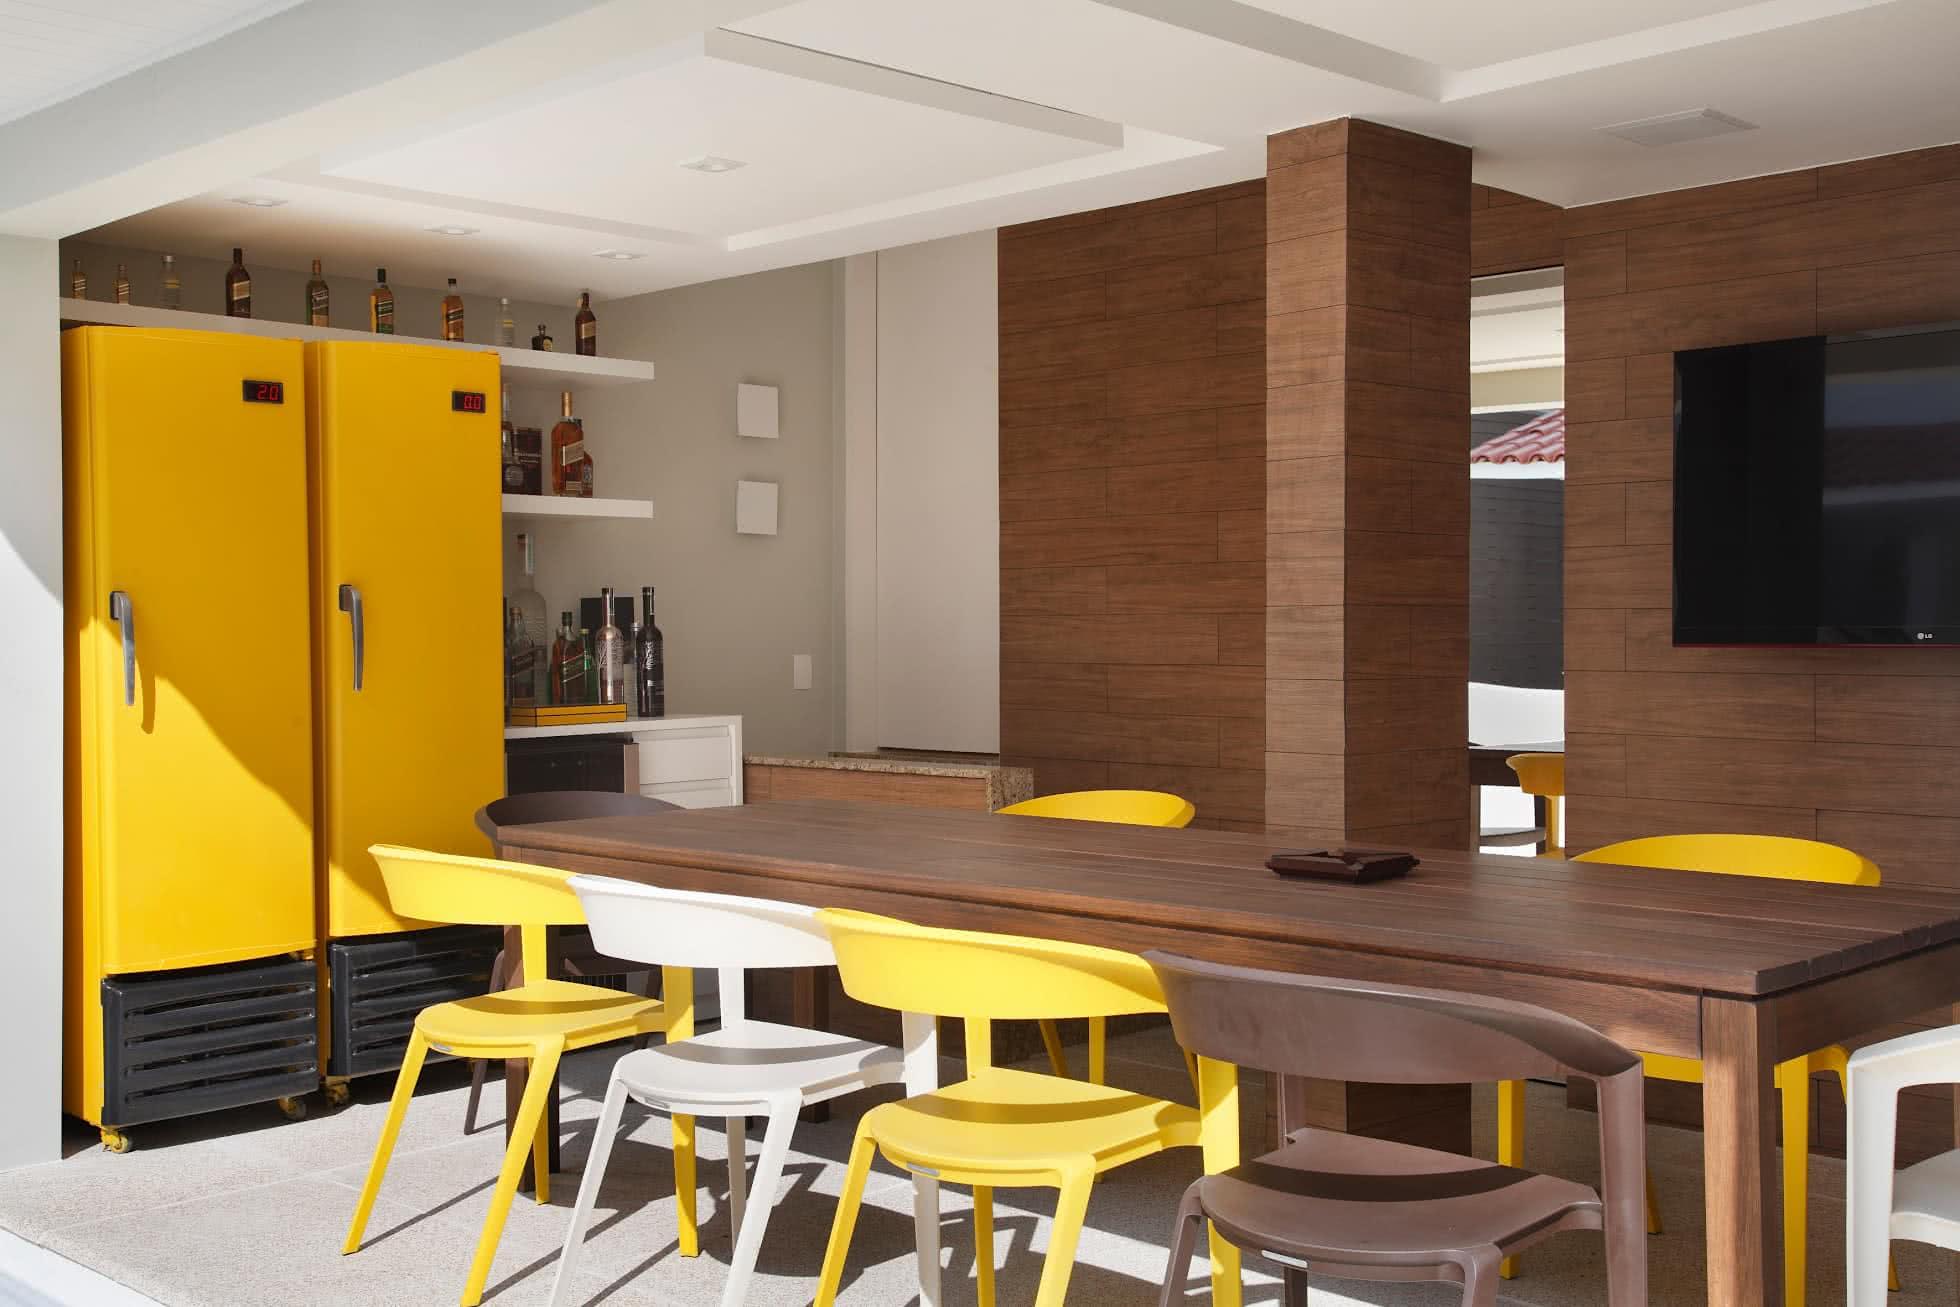 Área externa com mini bar e refrigeradores